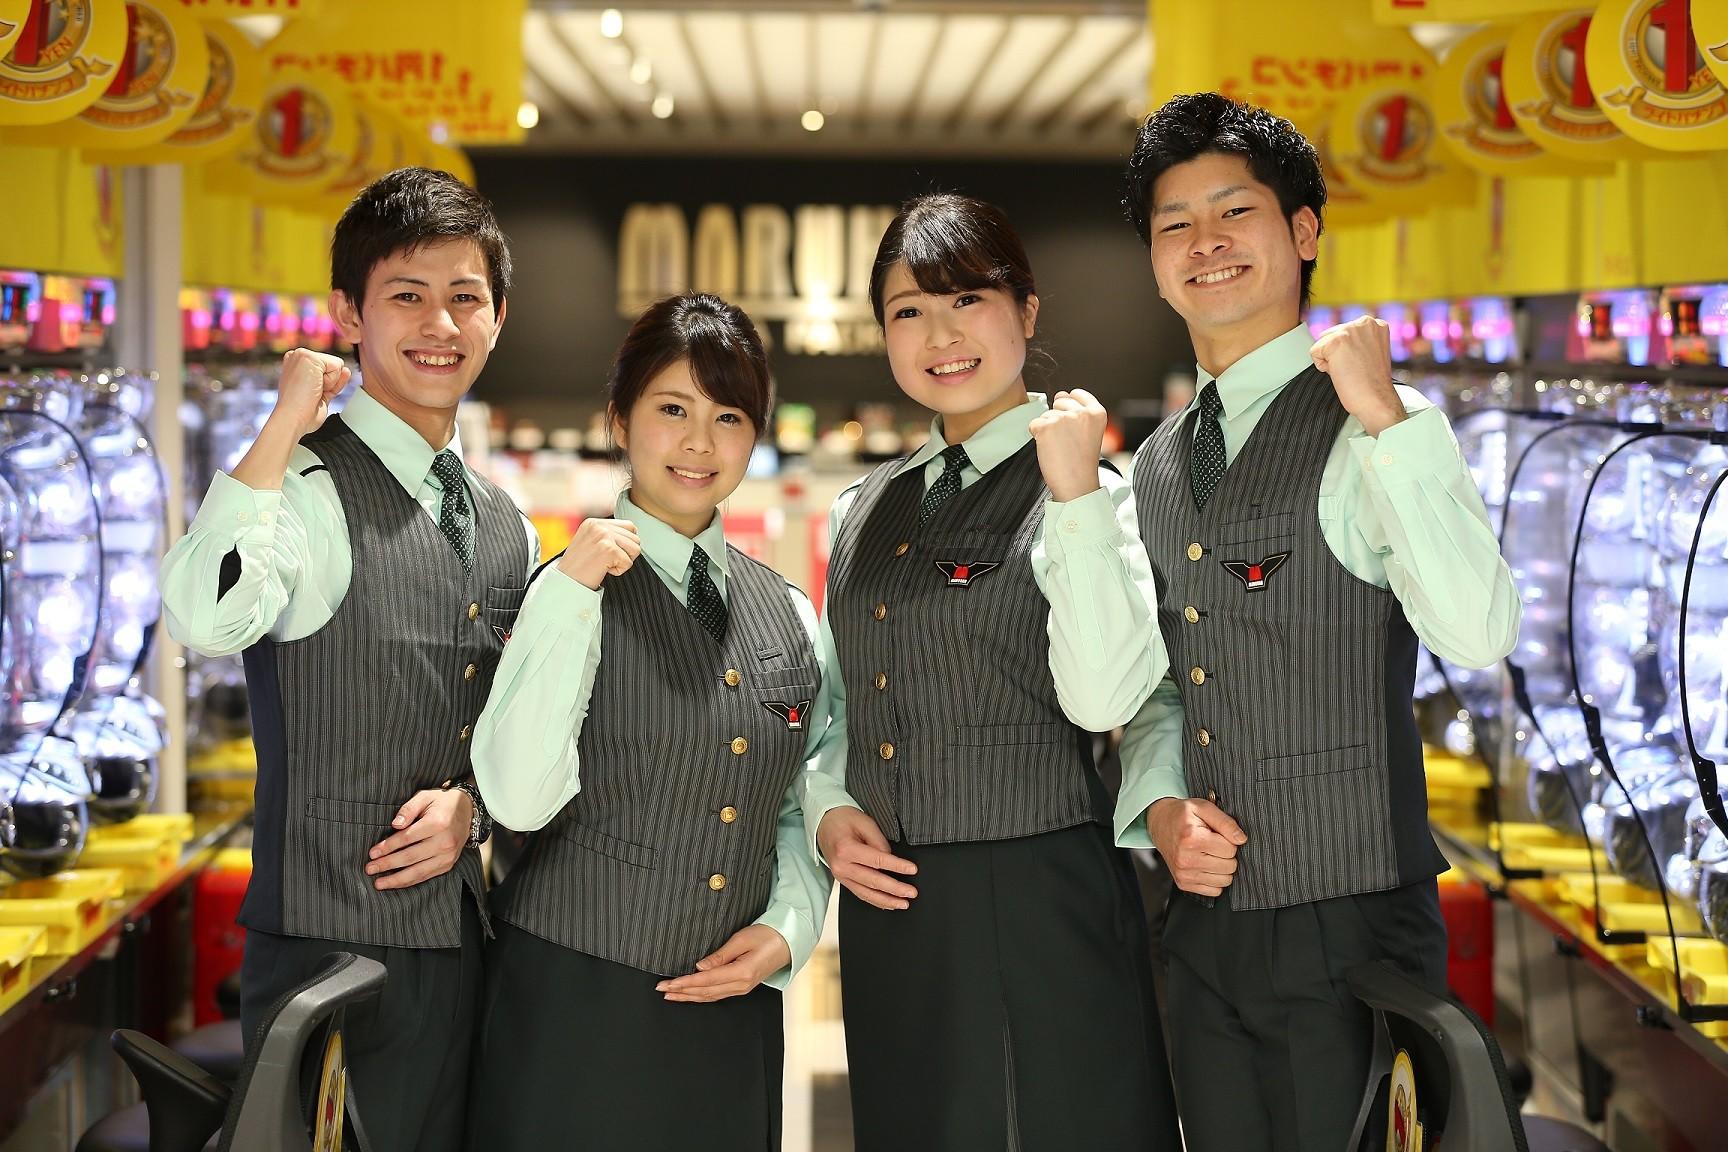 マルハン ぶらくり丁店[3002]のアルバイト情報